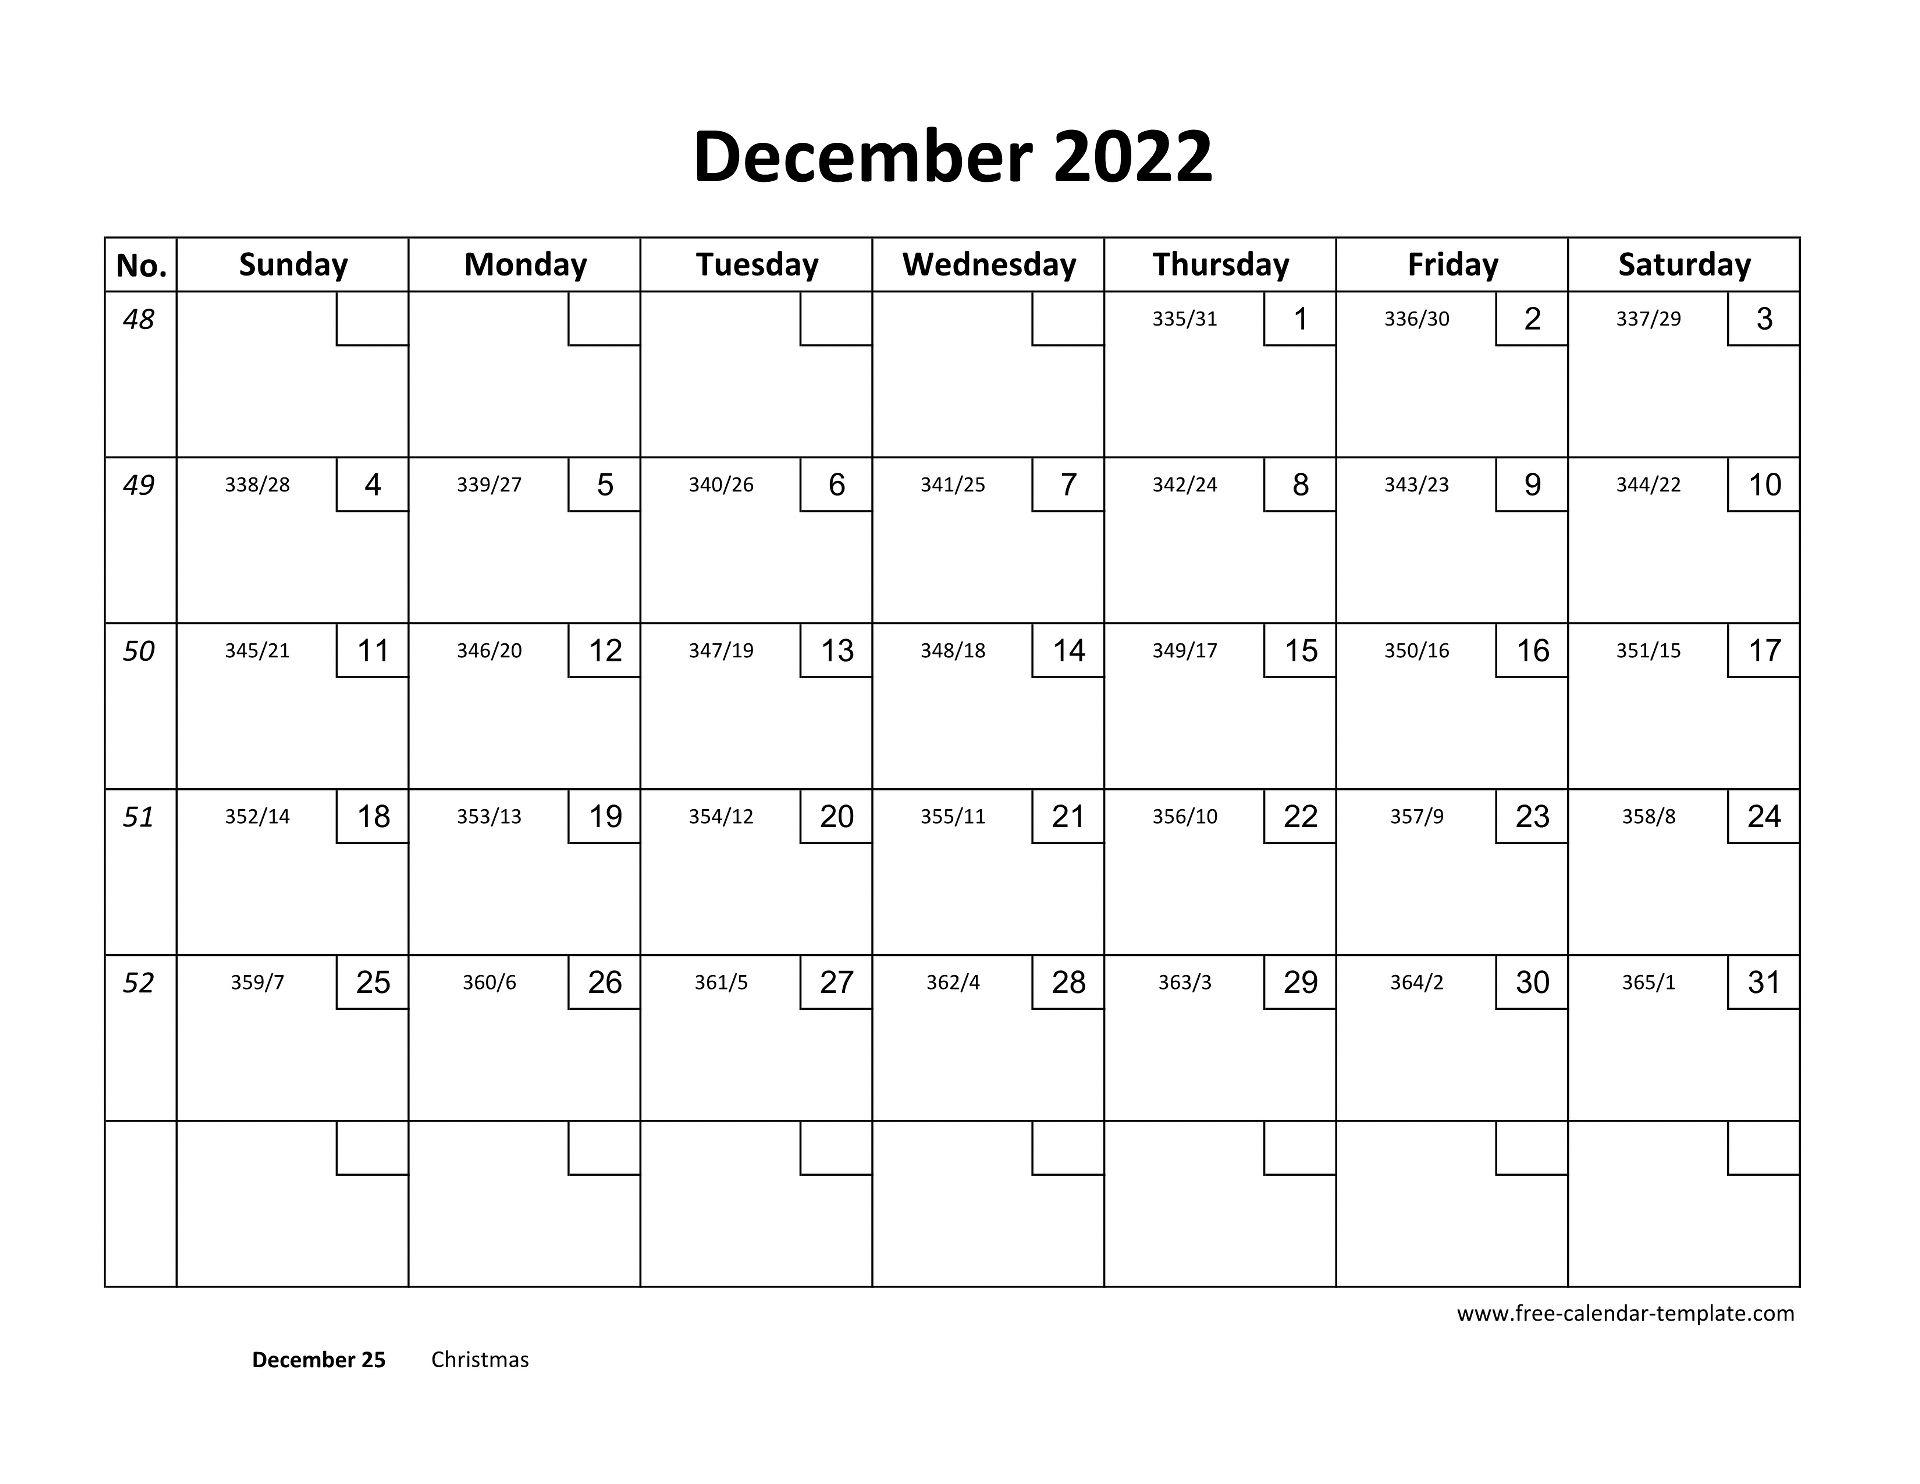 Dec Calendar 2022 Printable.December Calendar 2022 Printable With Checkboxes Horizontal Free Calendar Template Com